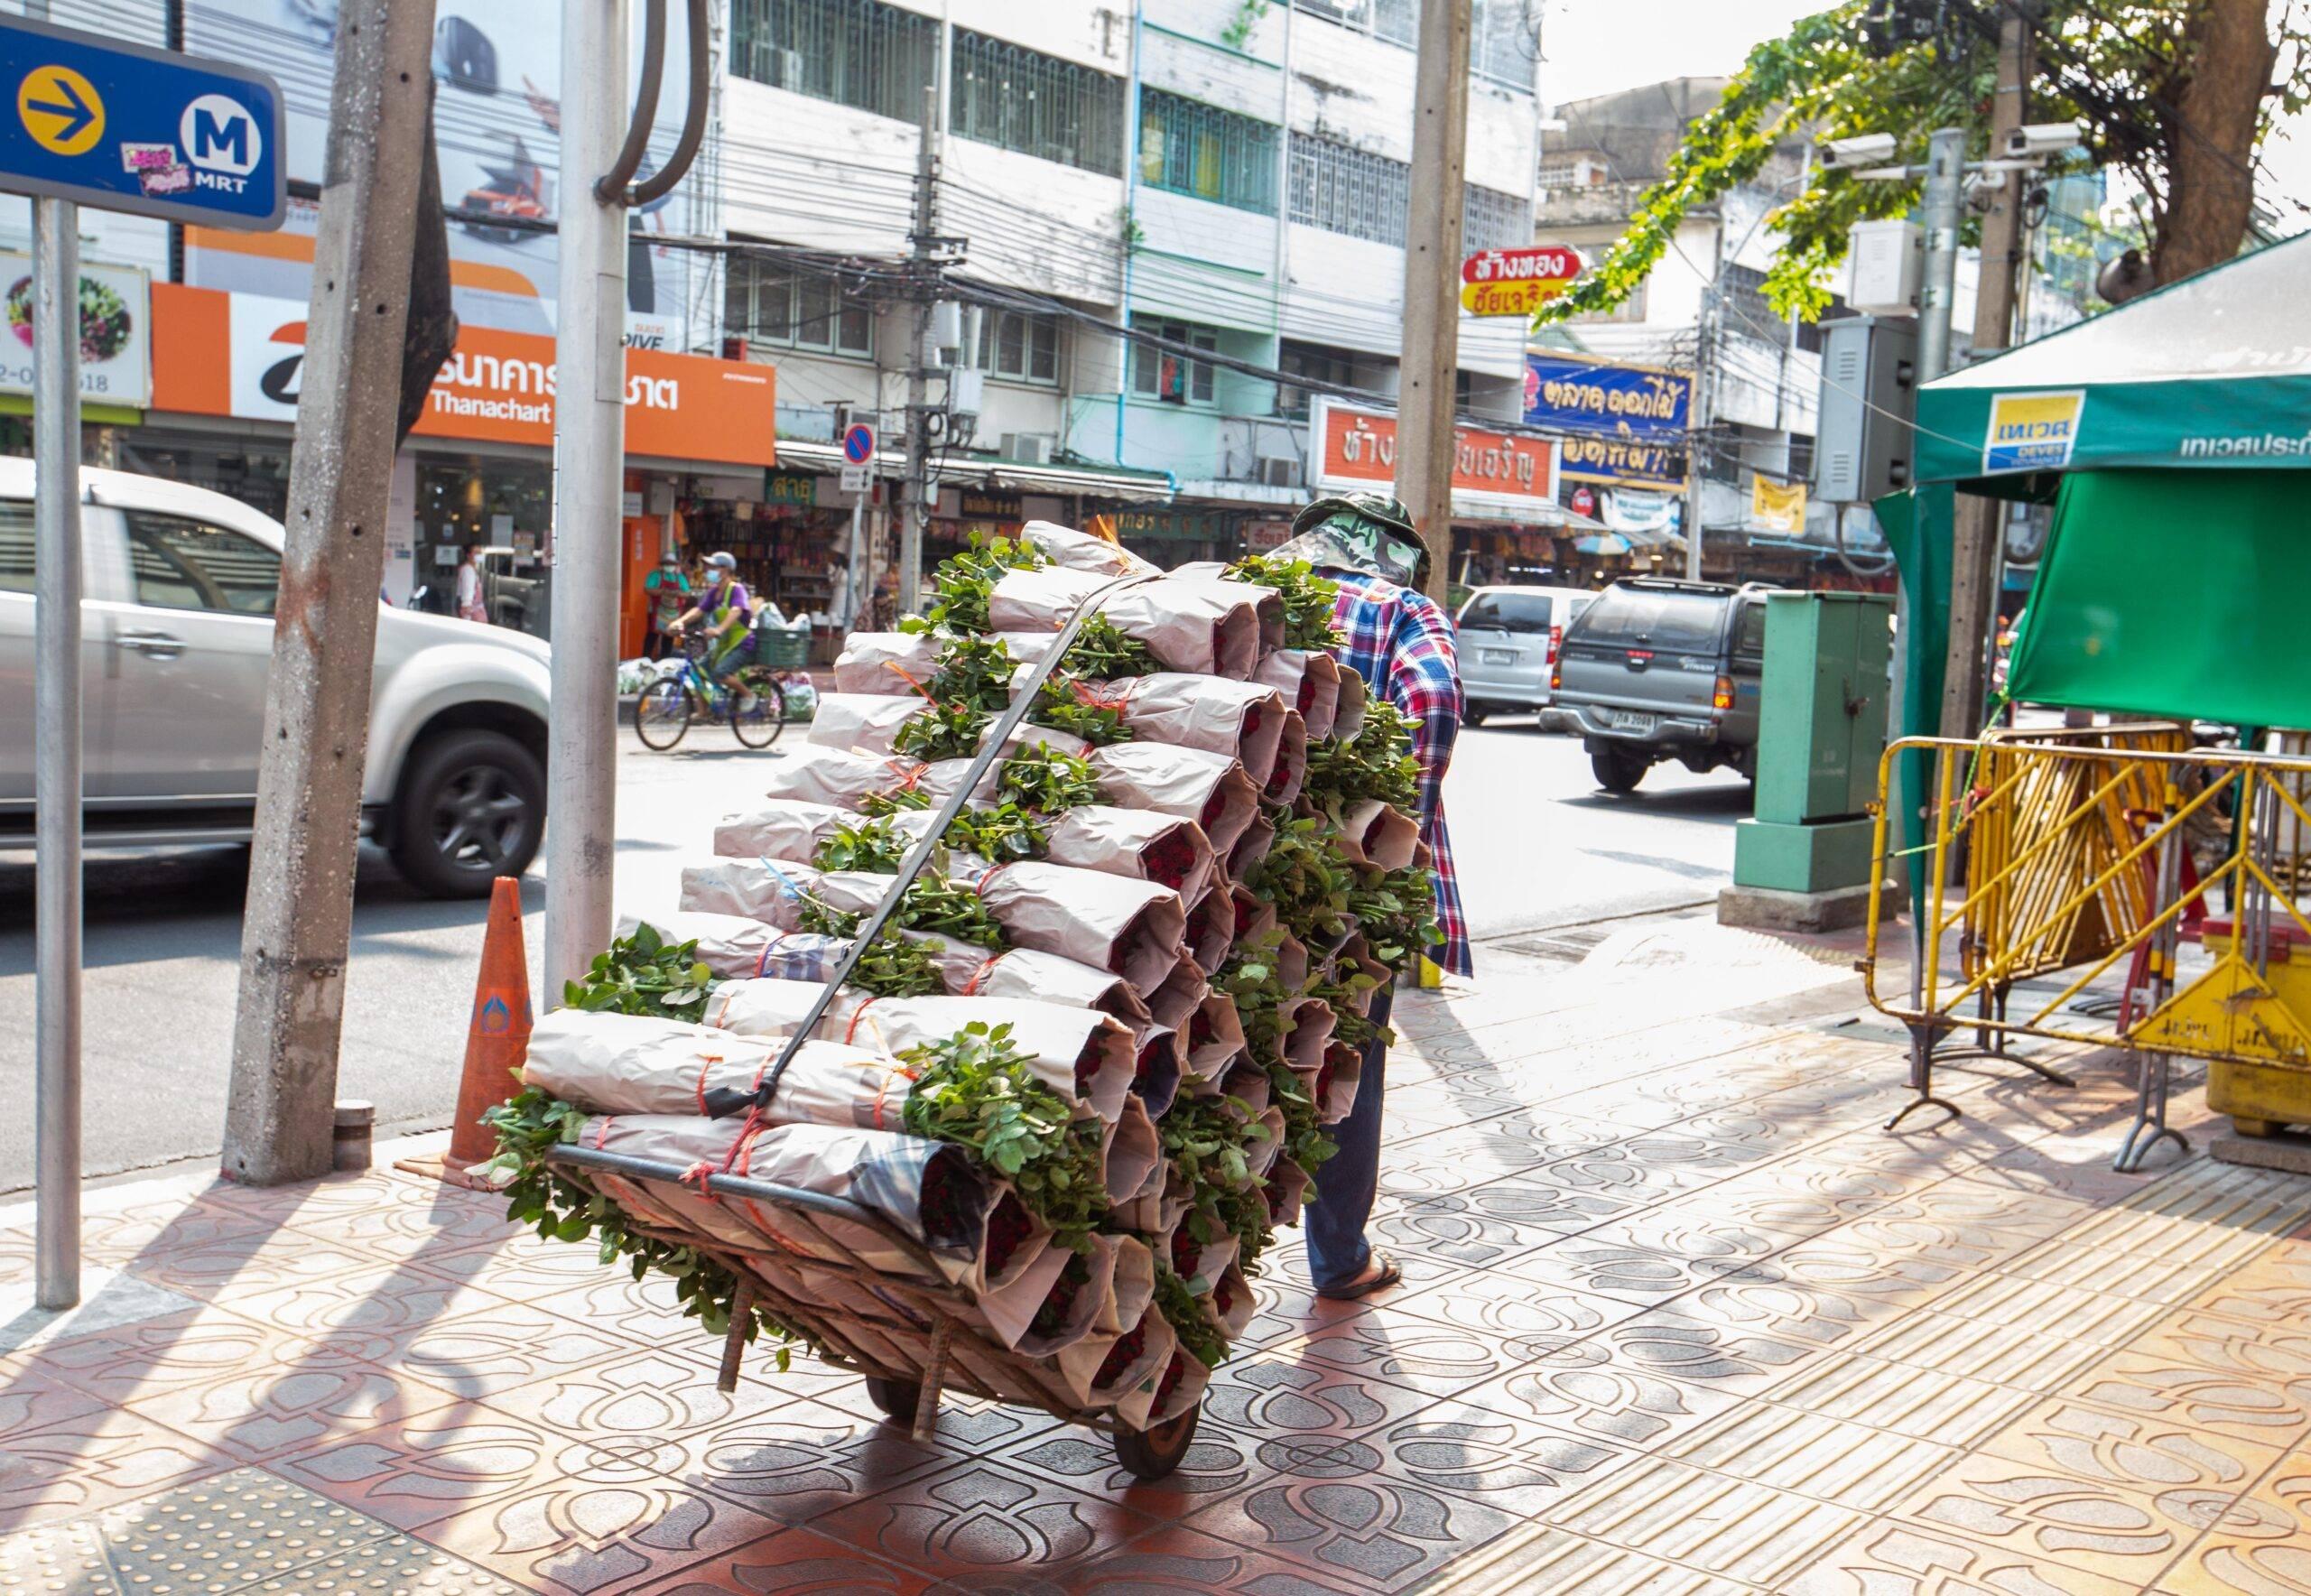 Flower Matter   คุยกับนักออกแบบที่บ้านของนักจัดดอกไม้ ถึงความเป็นไปได้เรื่องการจัดการ Waste จากดอกไม้อย่างยั่งยืน